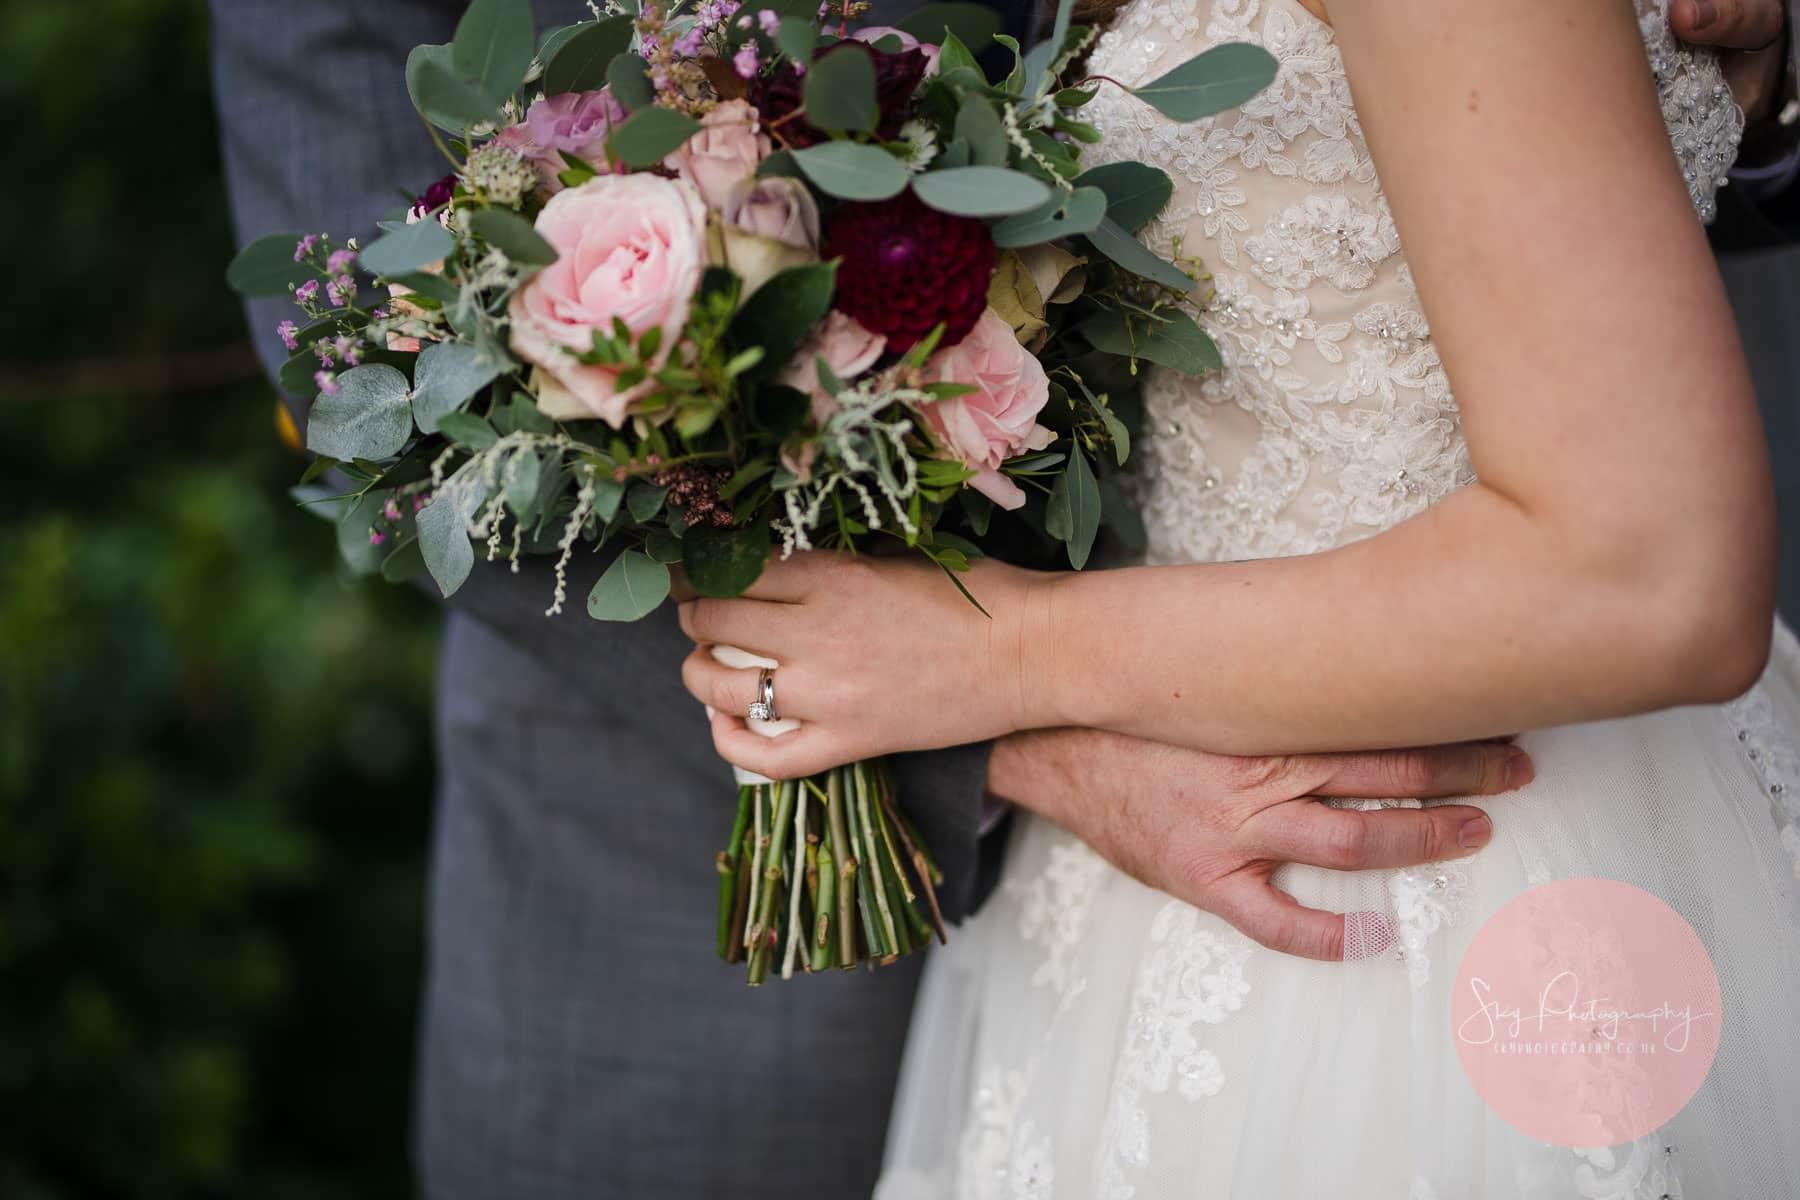 brides stunning bouquet